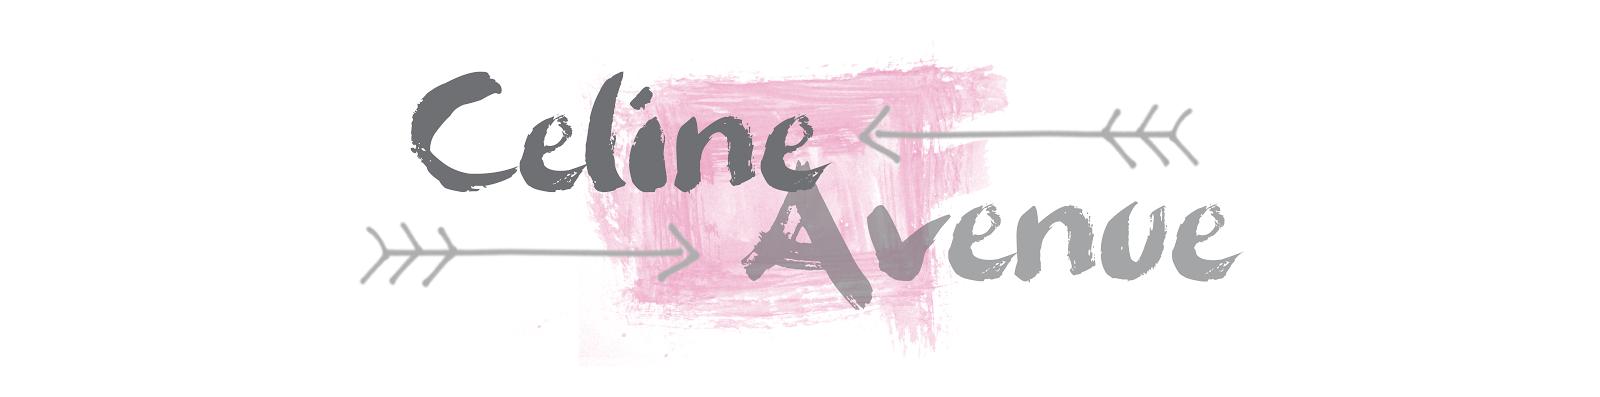 ❦ Celine Avenue ❦